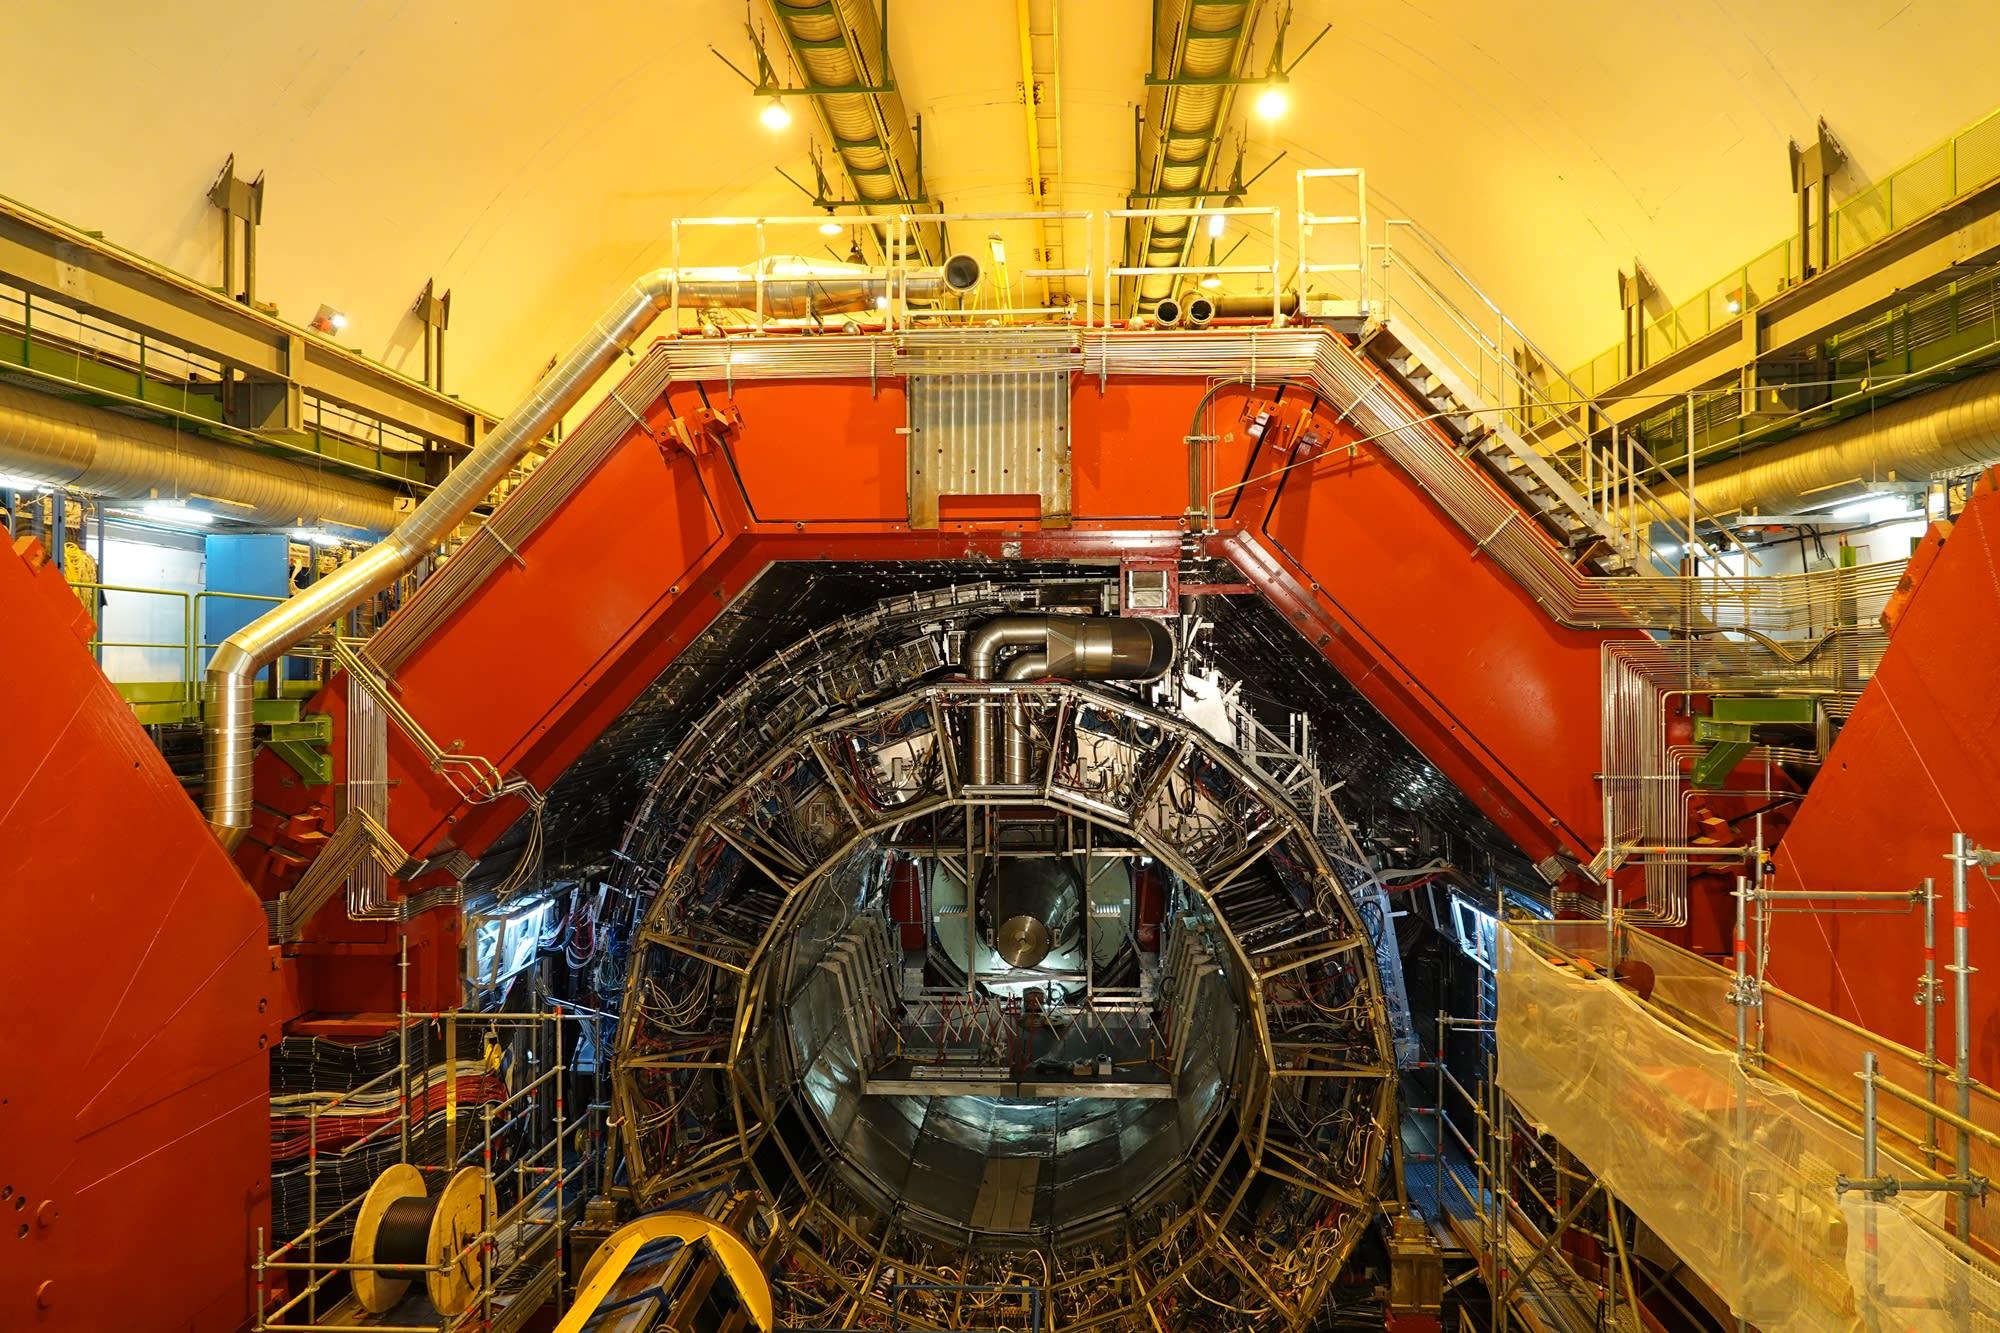 CERN_11